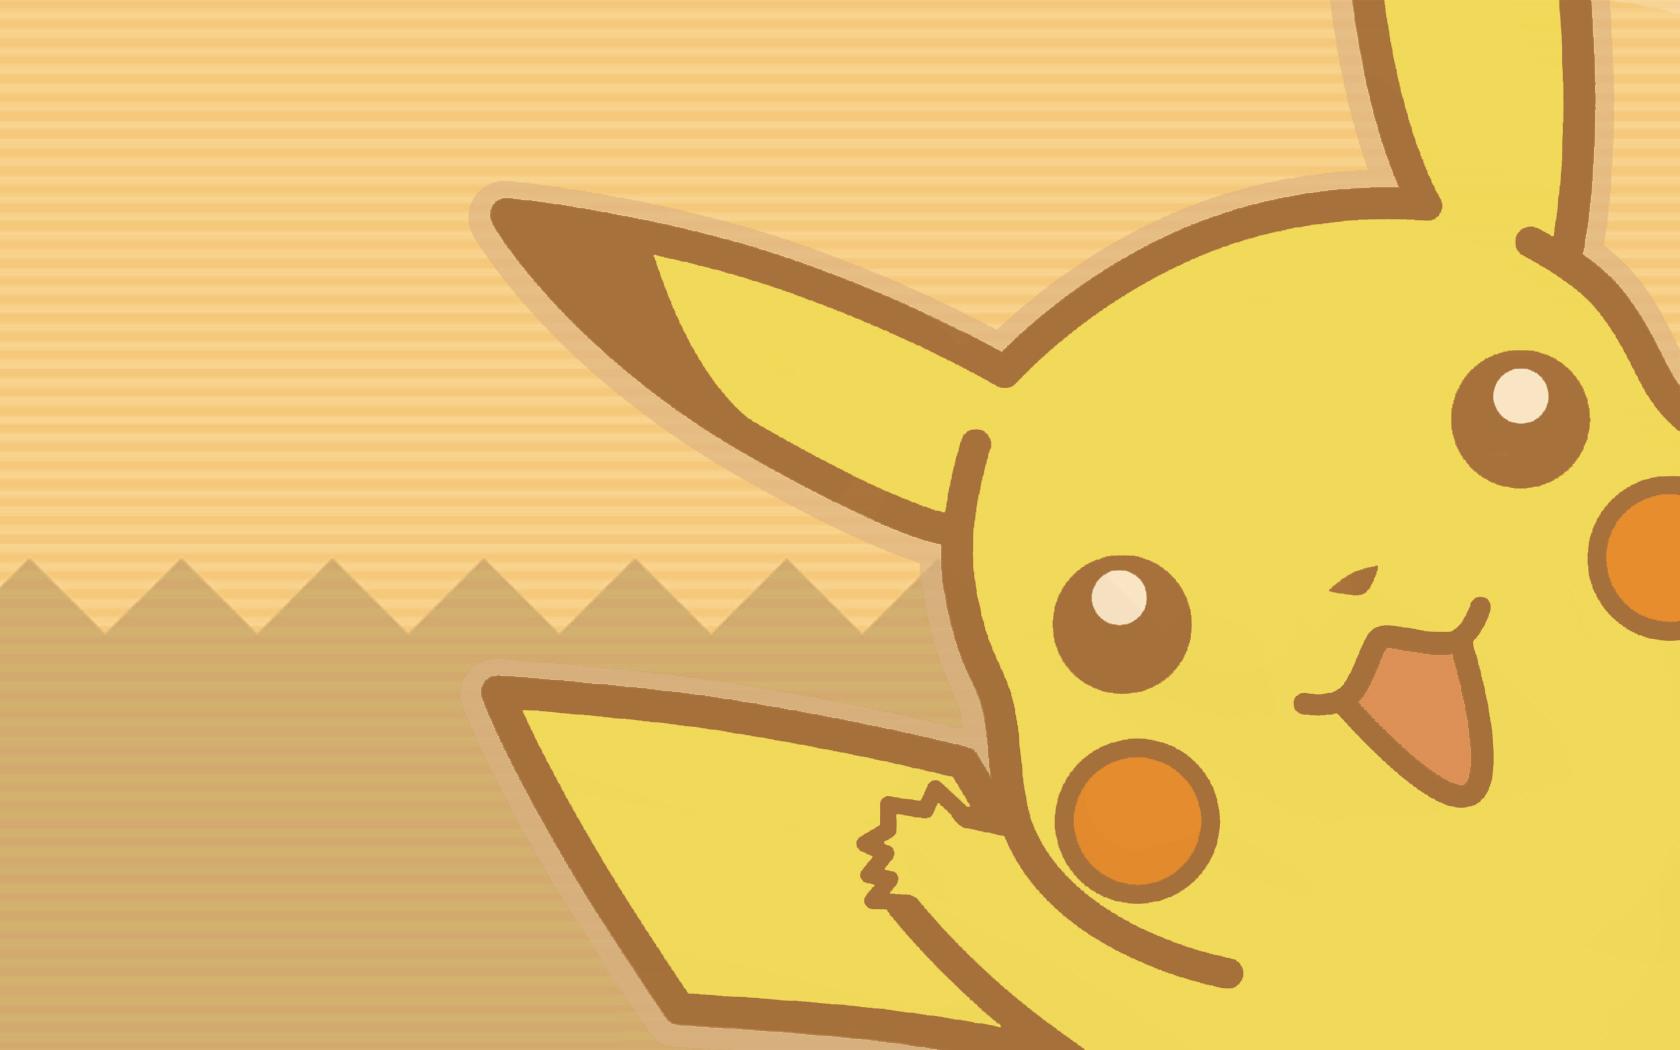 1680x1050 Pokemon Pikachu Wallpaper 1680x1050 Pokemon, Pikachu, Vector